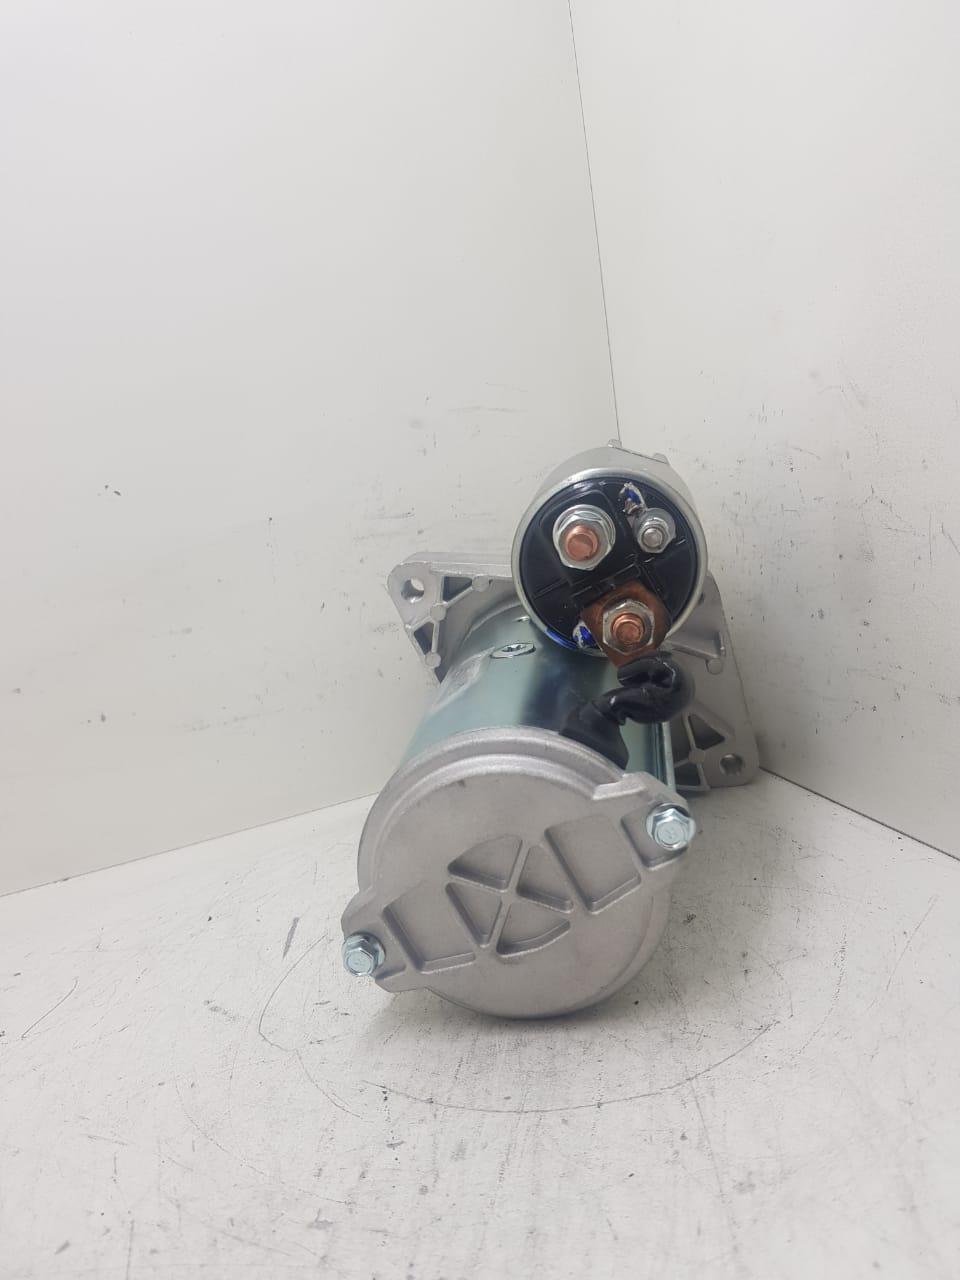 Motor de arranque FRONTIER RENAULT MASTER III 2.3 2013 em diante VALEO 12V 10 DENTES 233002654R 233002654 8200568535 TS2232 TS22E8 438263 E 20589 D 20357 SL S0237 AEC14028